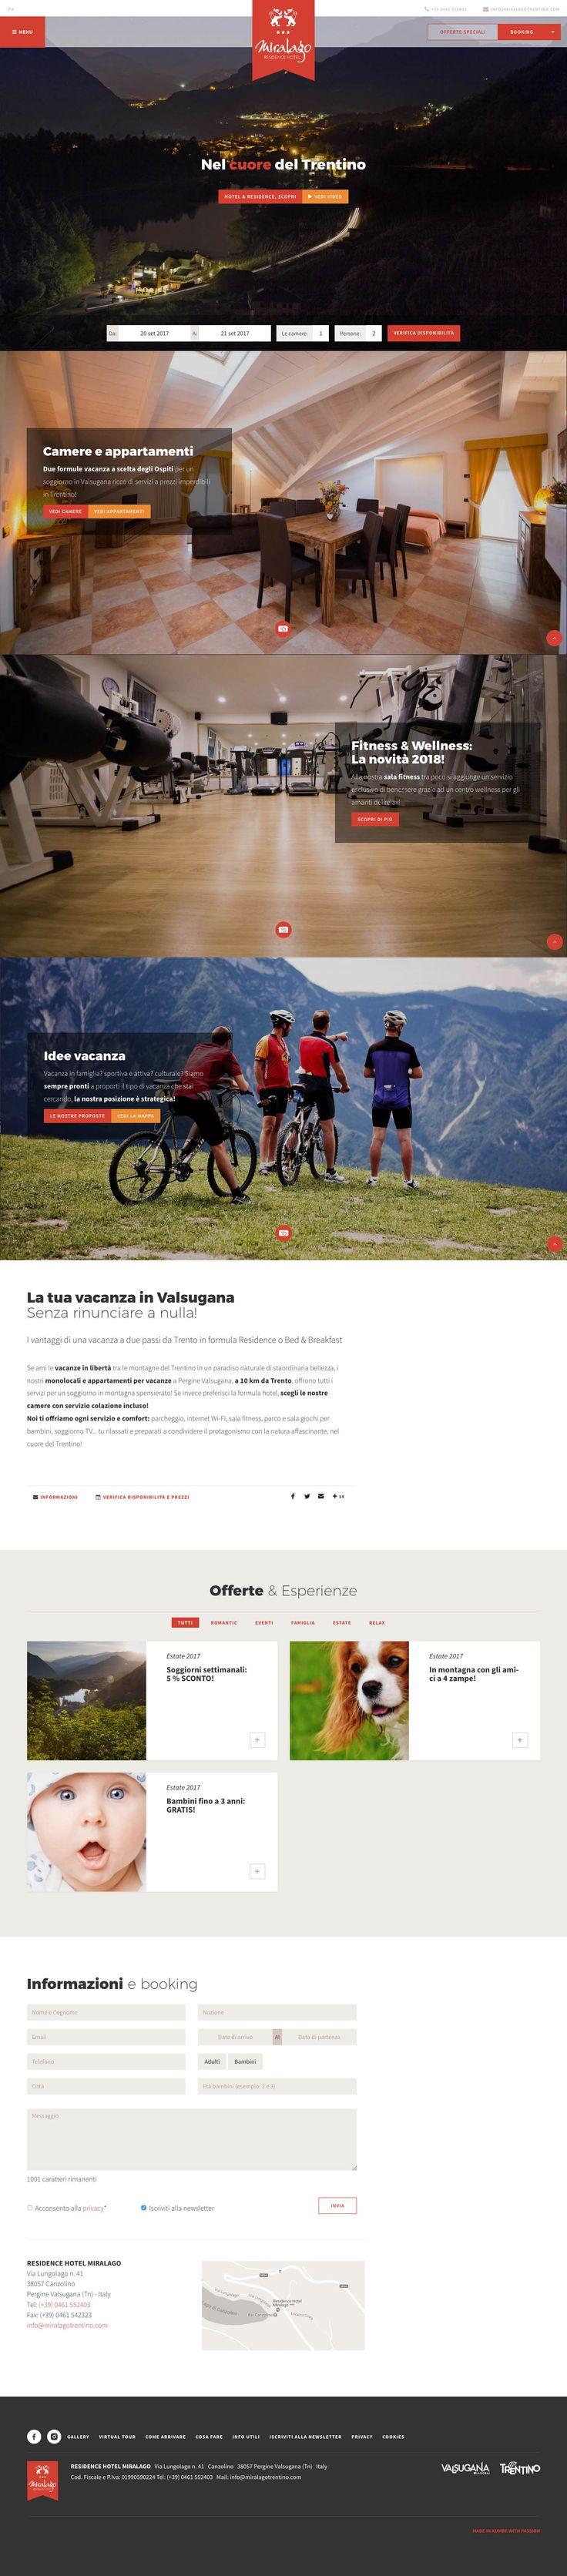 #miralagotrentino www.miralagotrentino.com #kumbe #portfolio #web #webdesign #website #relax #hotel #miralago #camere #residence #appartamenti #fitness #wellness #salameeting #outdoor #bike #mountain #ski #natura #arte #cultura #lago #vino #wine #valsugana #canzolino #trentino